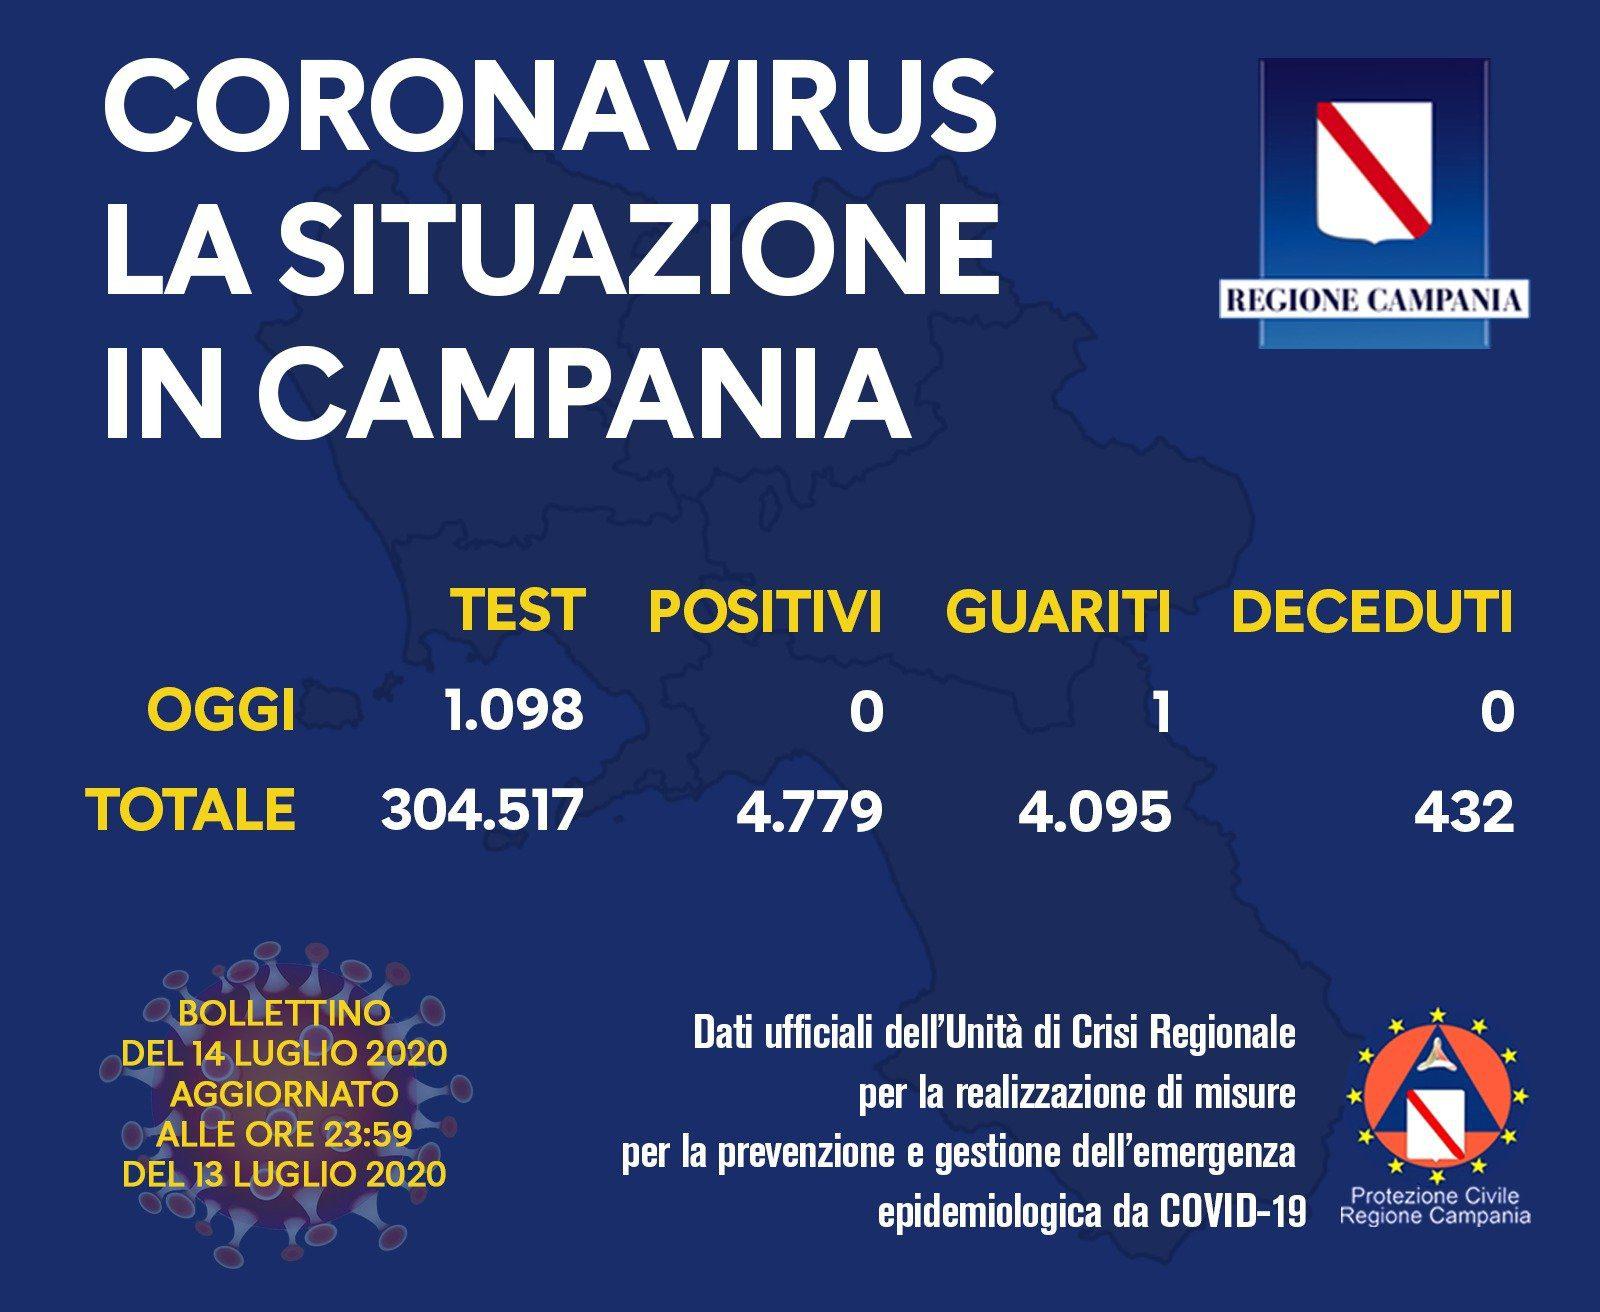 14 luglio 2020 - Campania, IL BOLLETTINO DEL 14/7/20: NESSUN POSITIVO